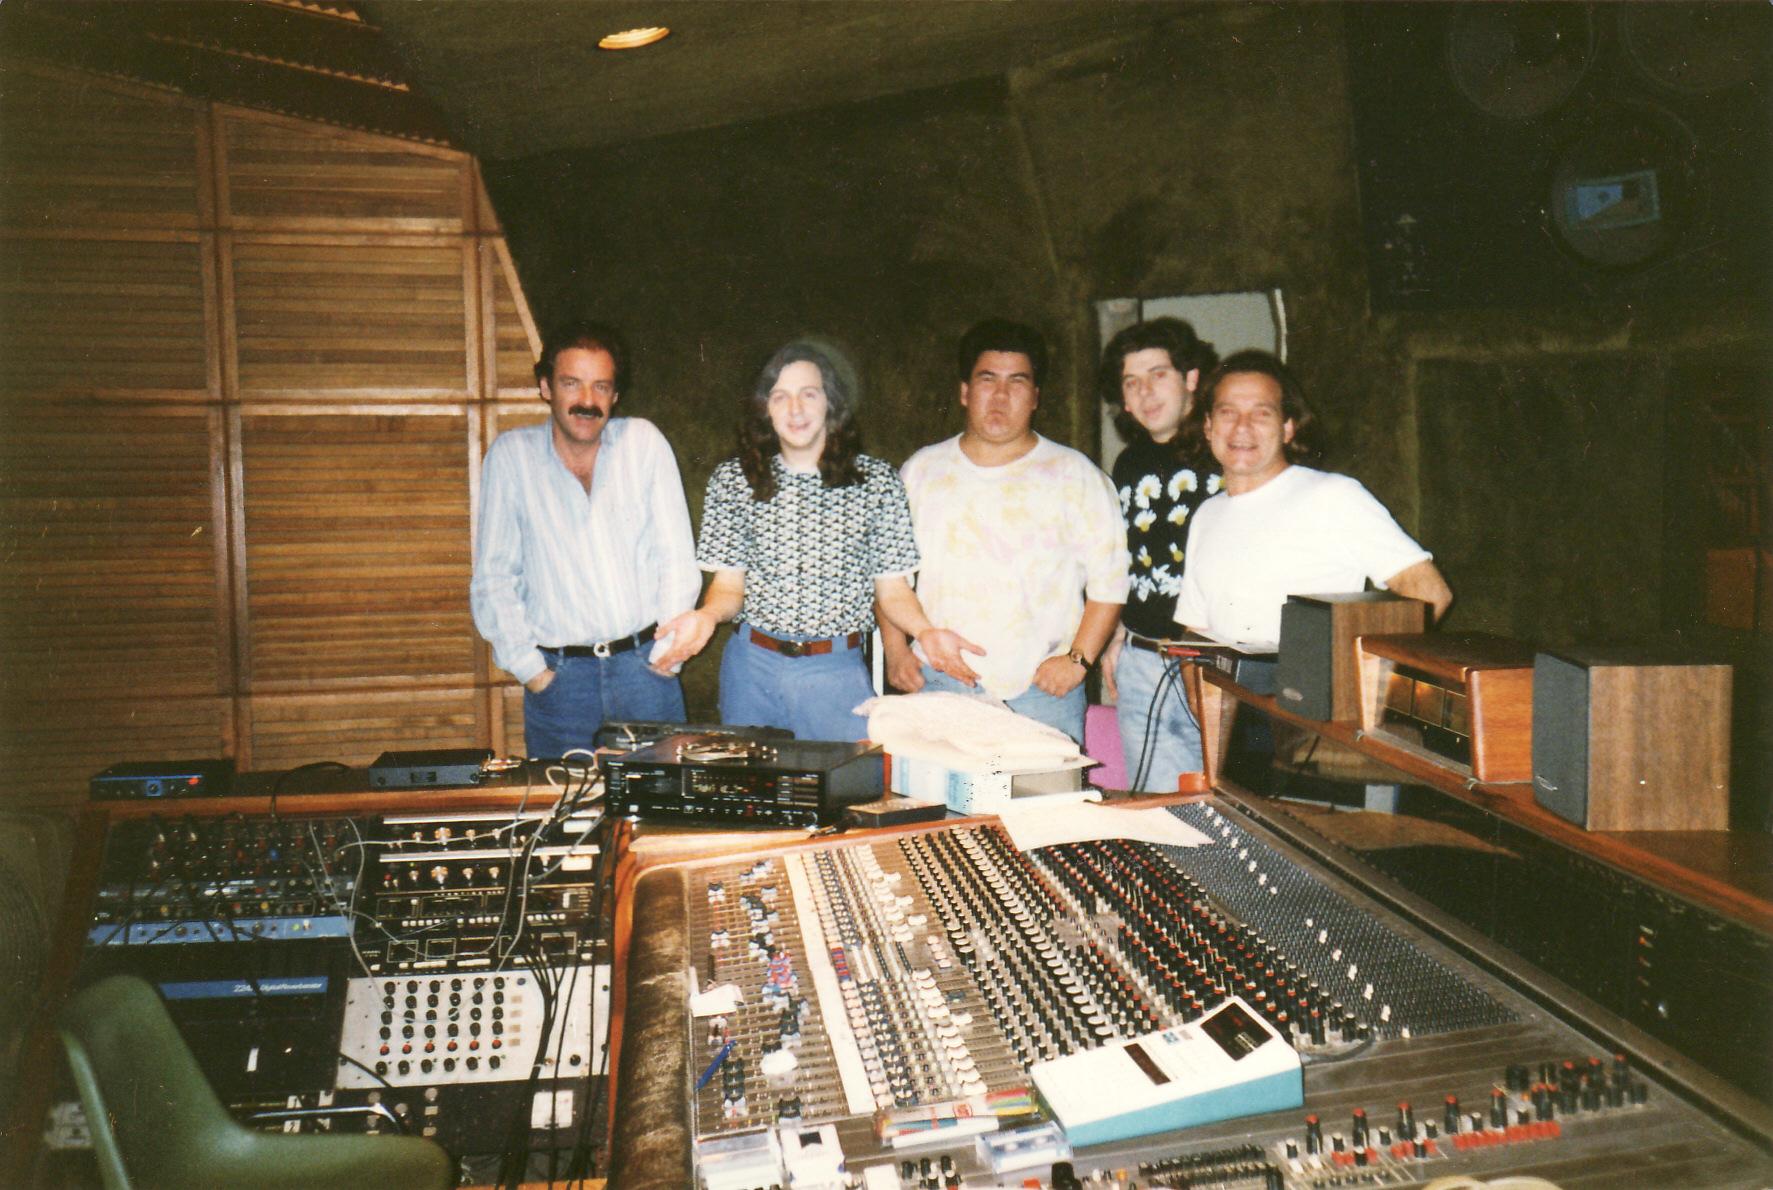 La Sonora de Bruno Alberto - Recording Session